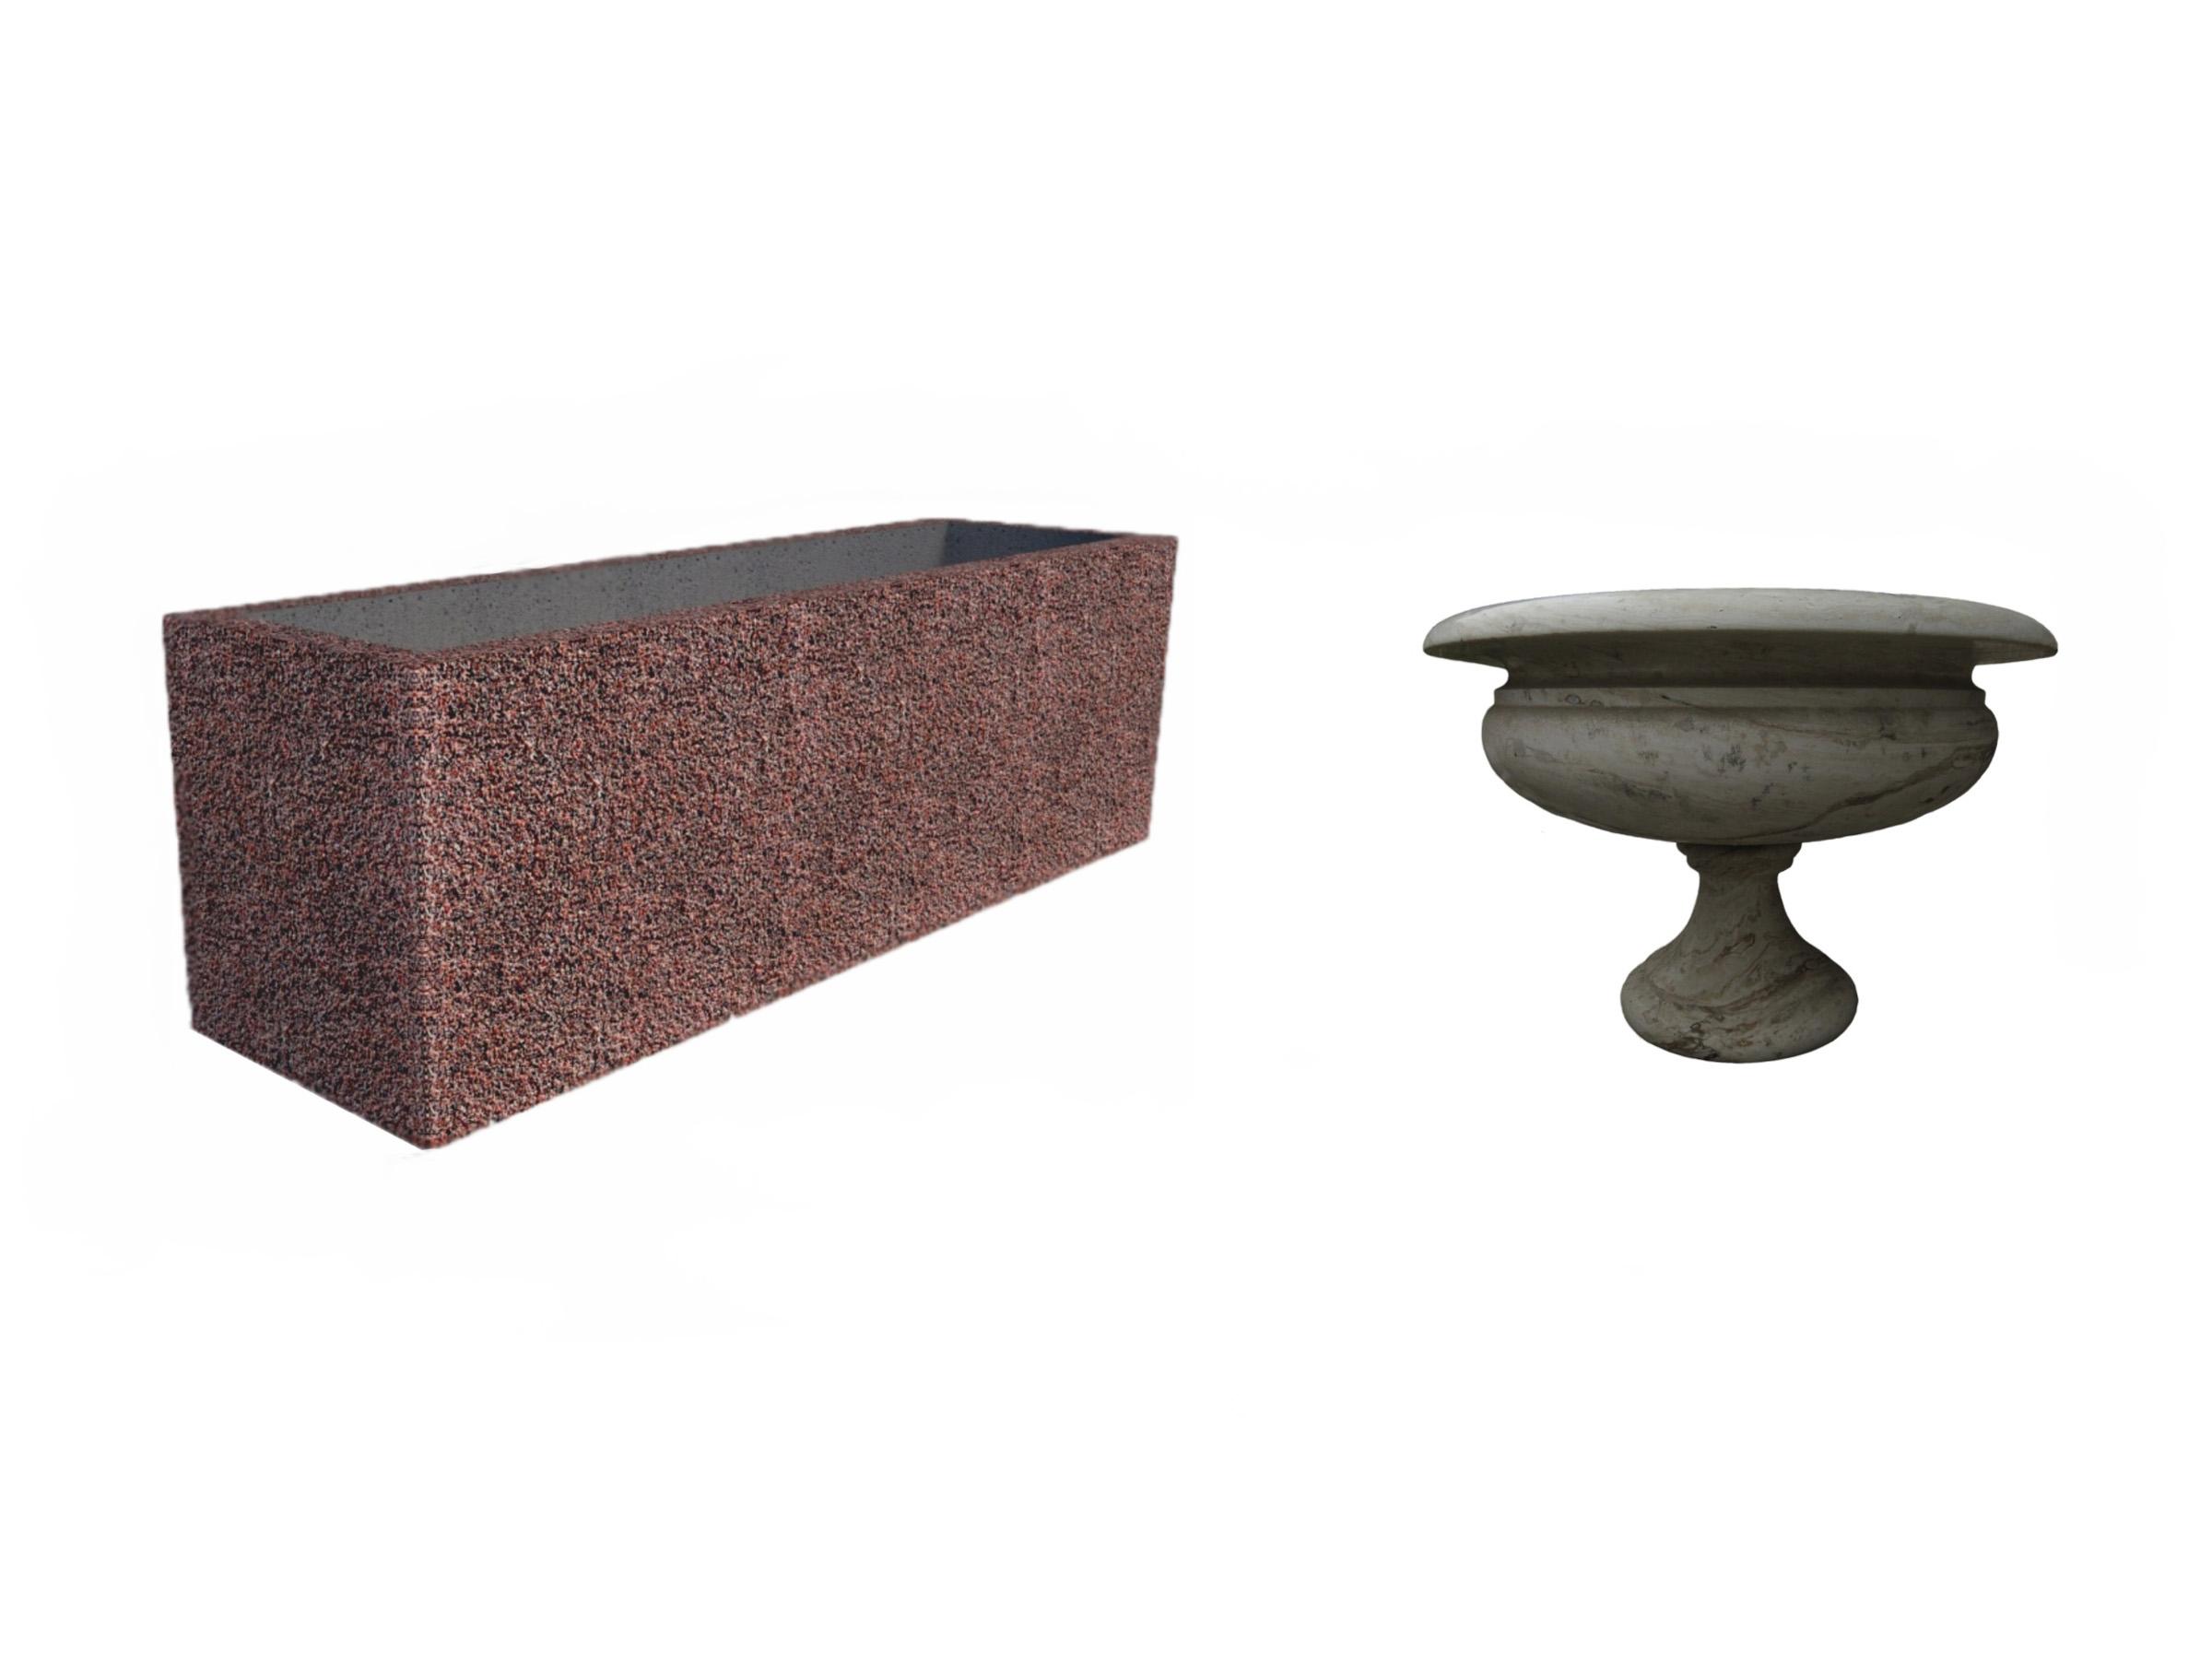 Вазоны для цветов уличные из бетона купить пермь бетонные смеси морозостойкость